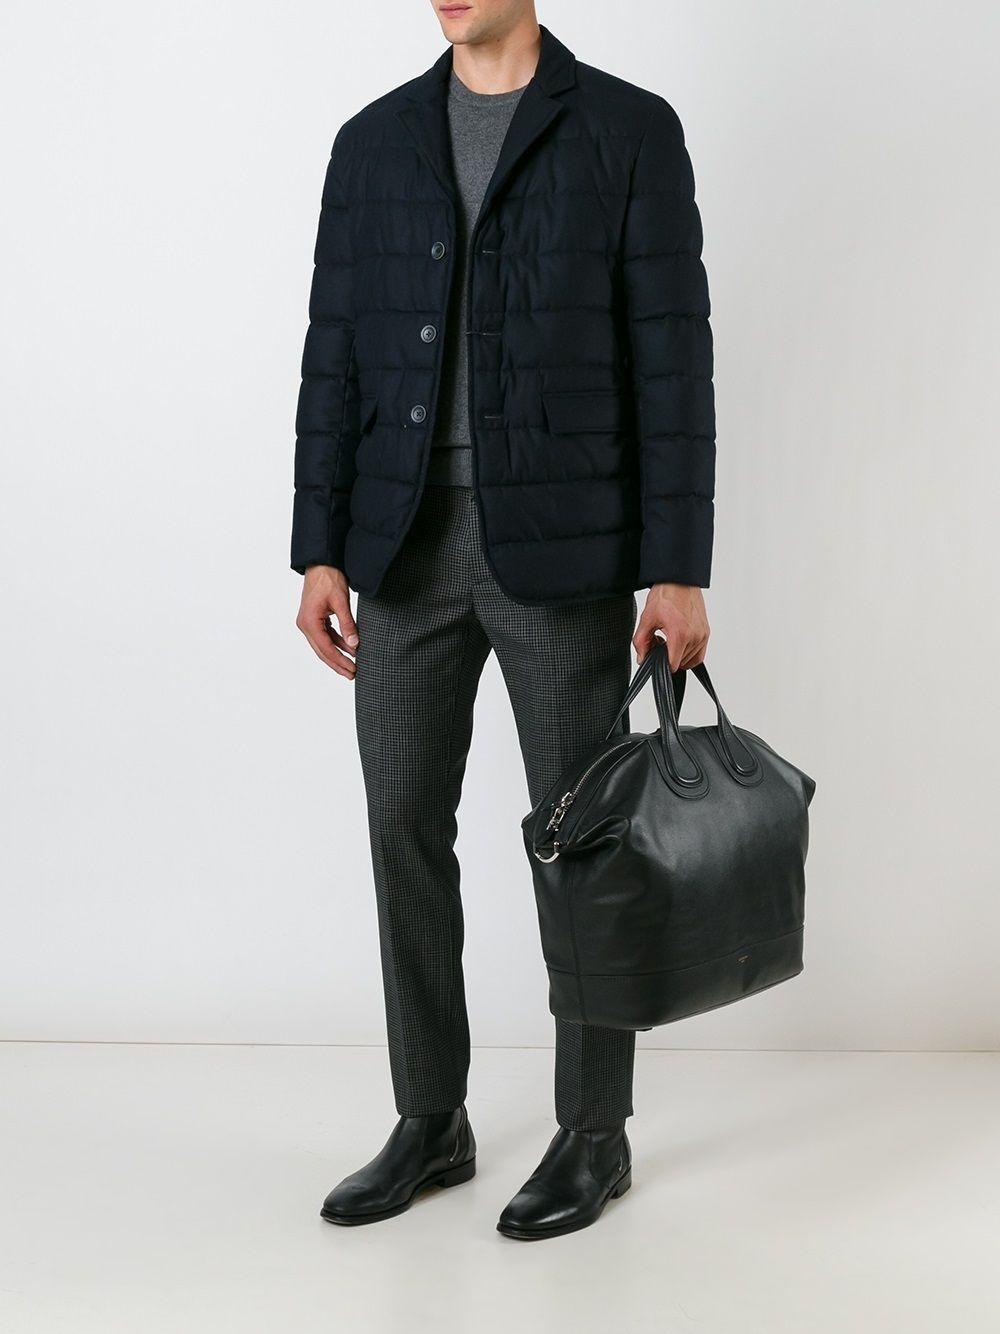 Мужской стёганый пиджак со съёмным жилетом арт.103